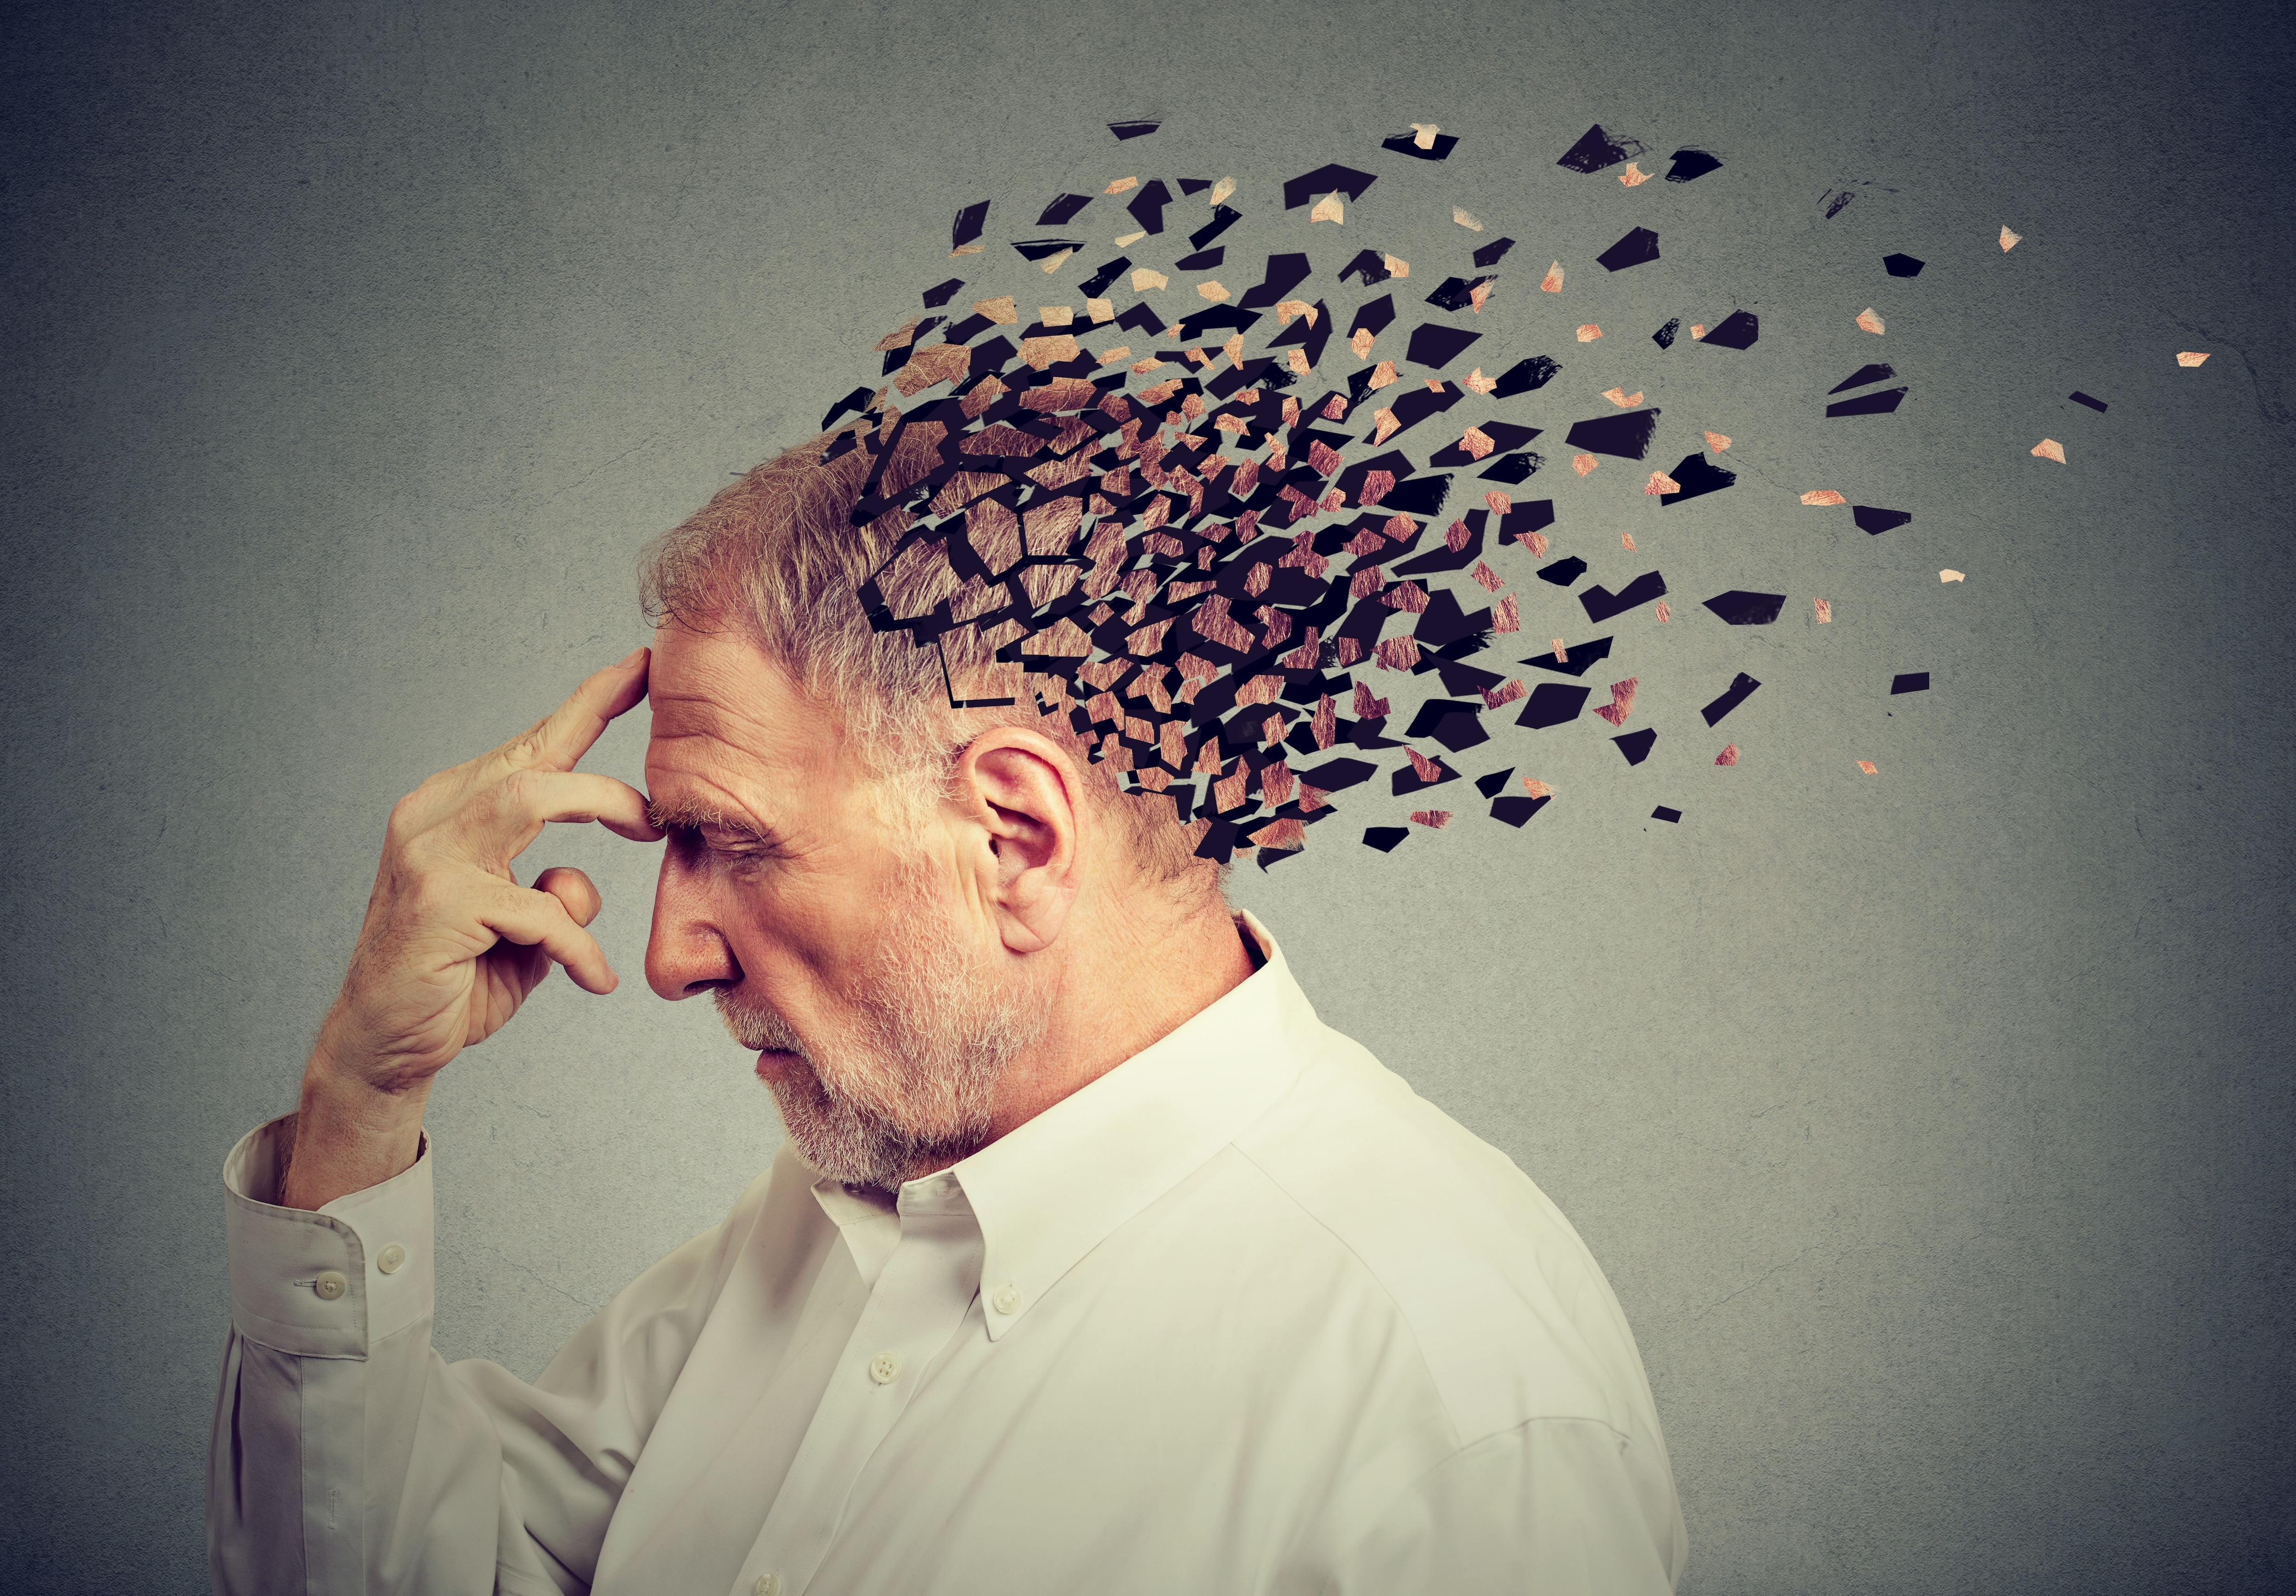 Existen unos 100 tipos de demencias con distintos síntomas (Shutterstock)